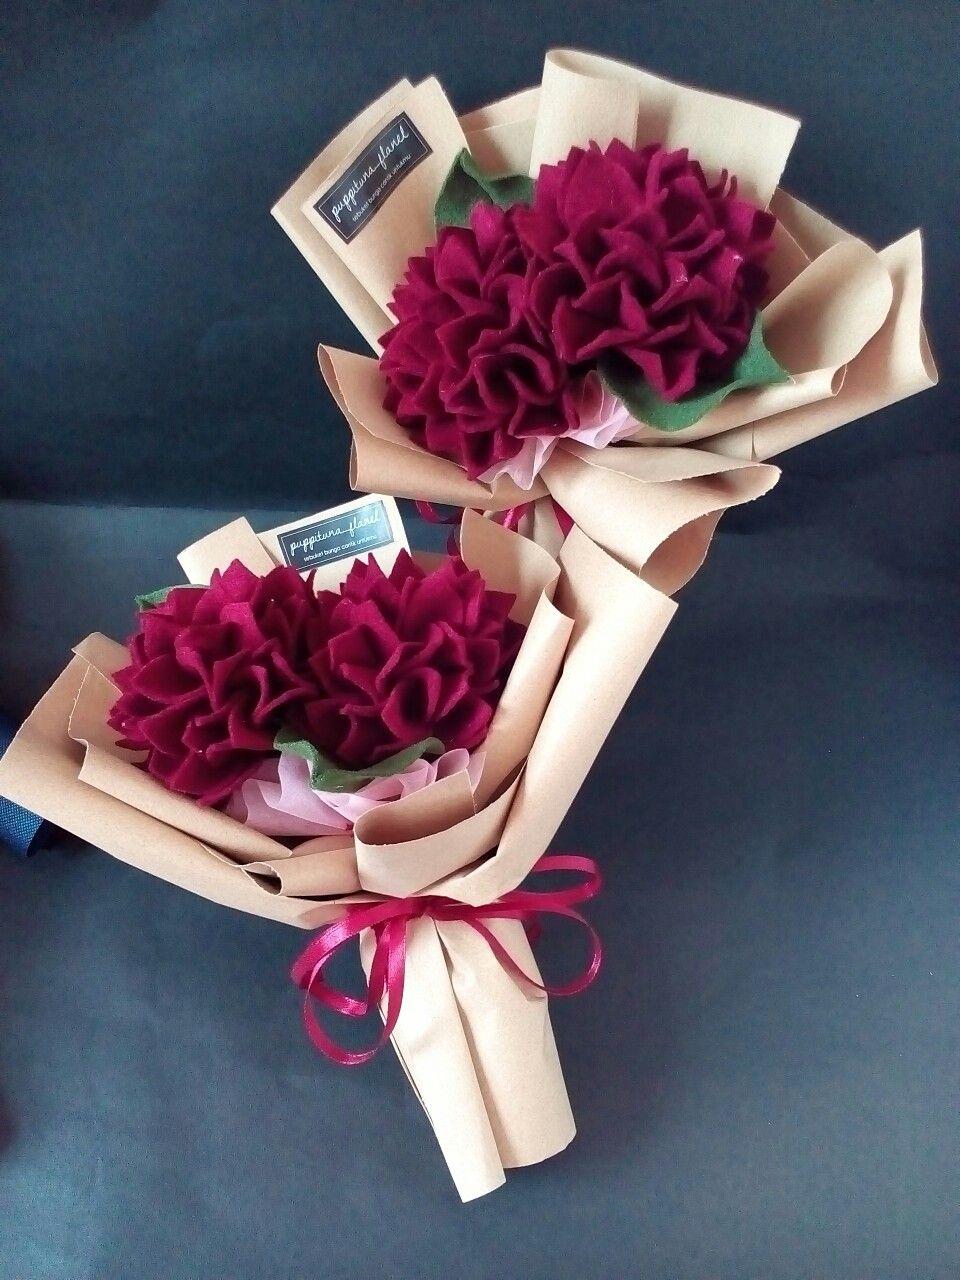 Hydrangea Bouquet Hortensia Bouquet Buket Flanel Felt Flower Bunga Flanel Hortensia Flanel Buket Bunga Buket Kreatif